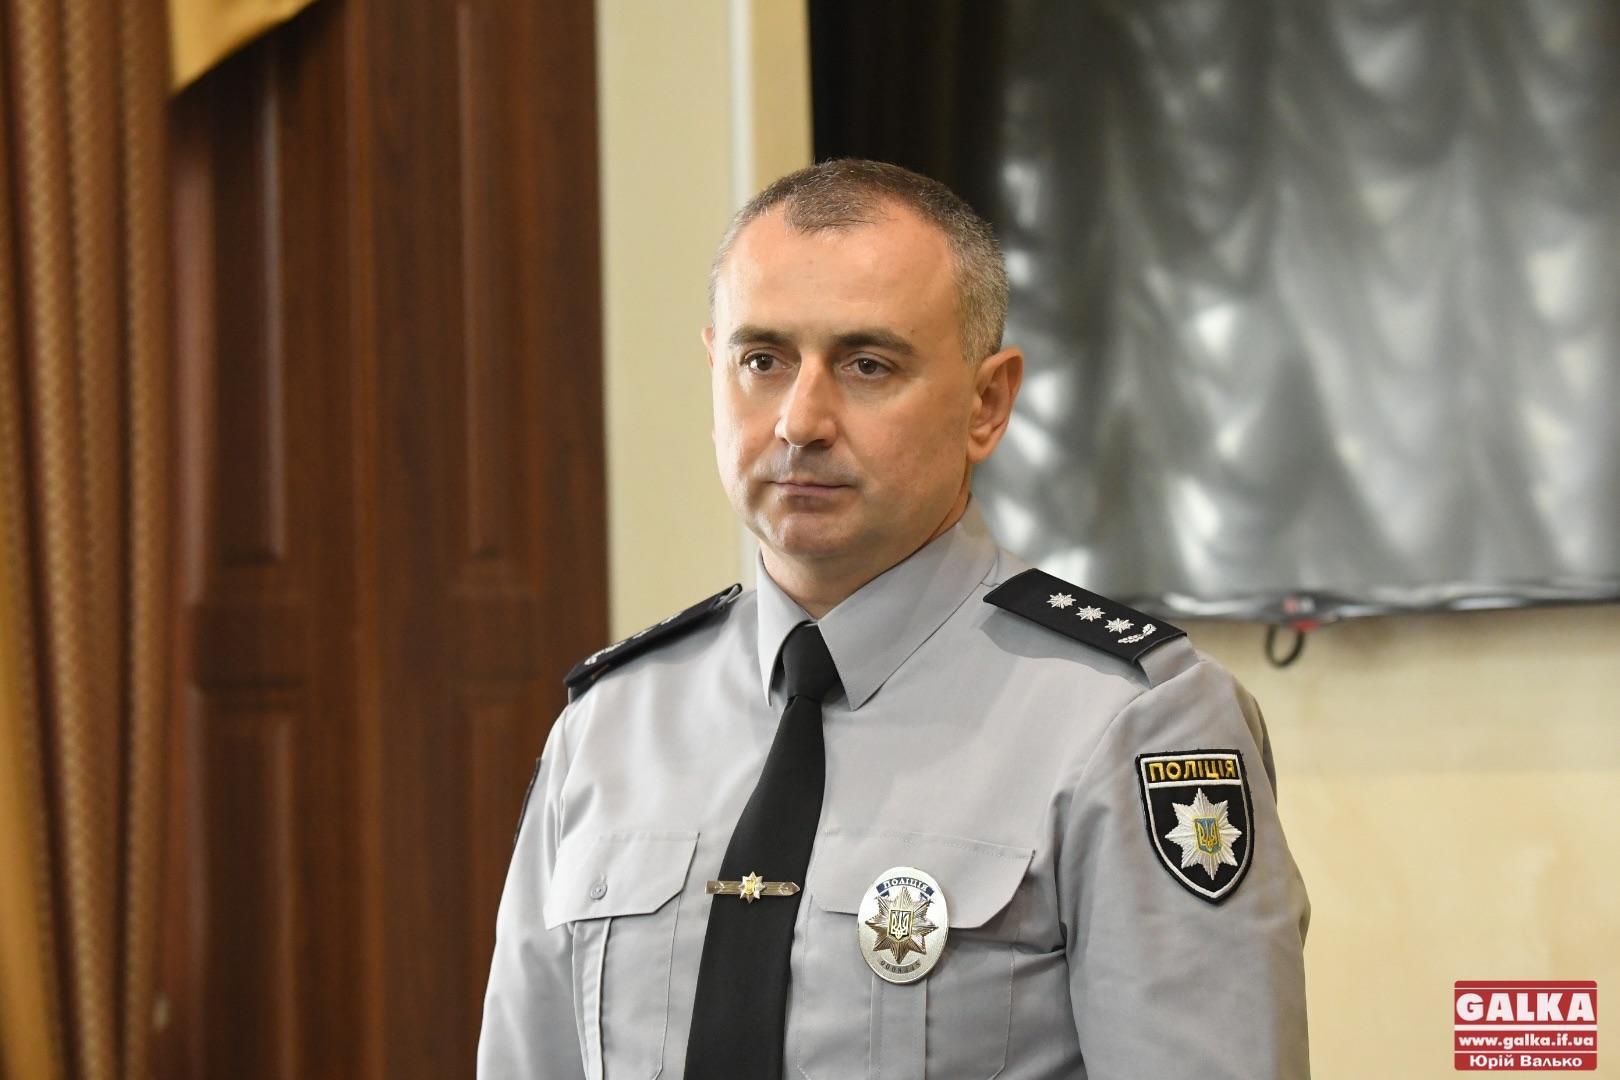 Поліцію Прикарпаття очолив Сергій Безпалько з Києва (ФОТО)